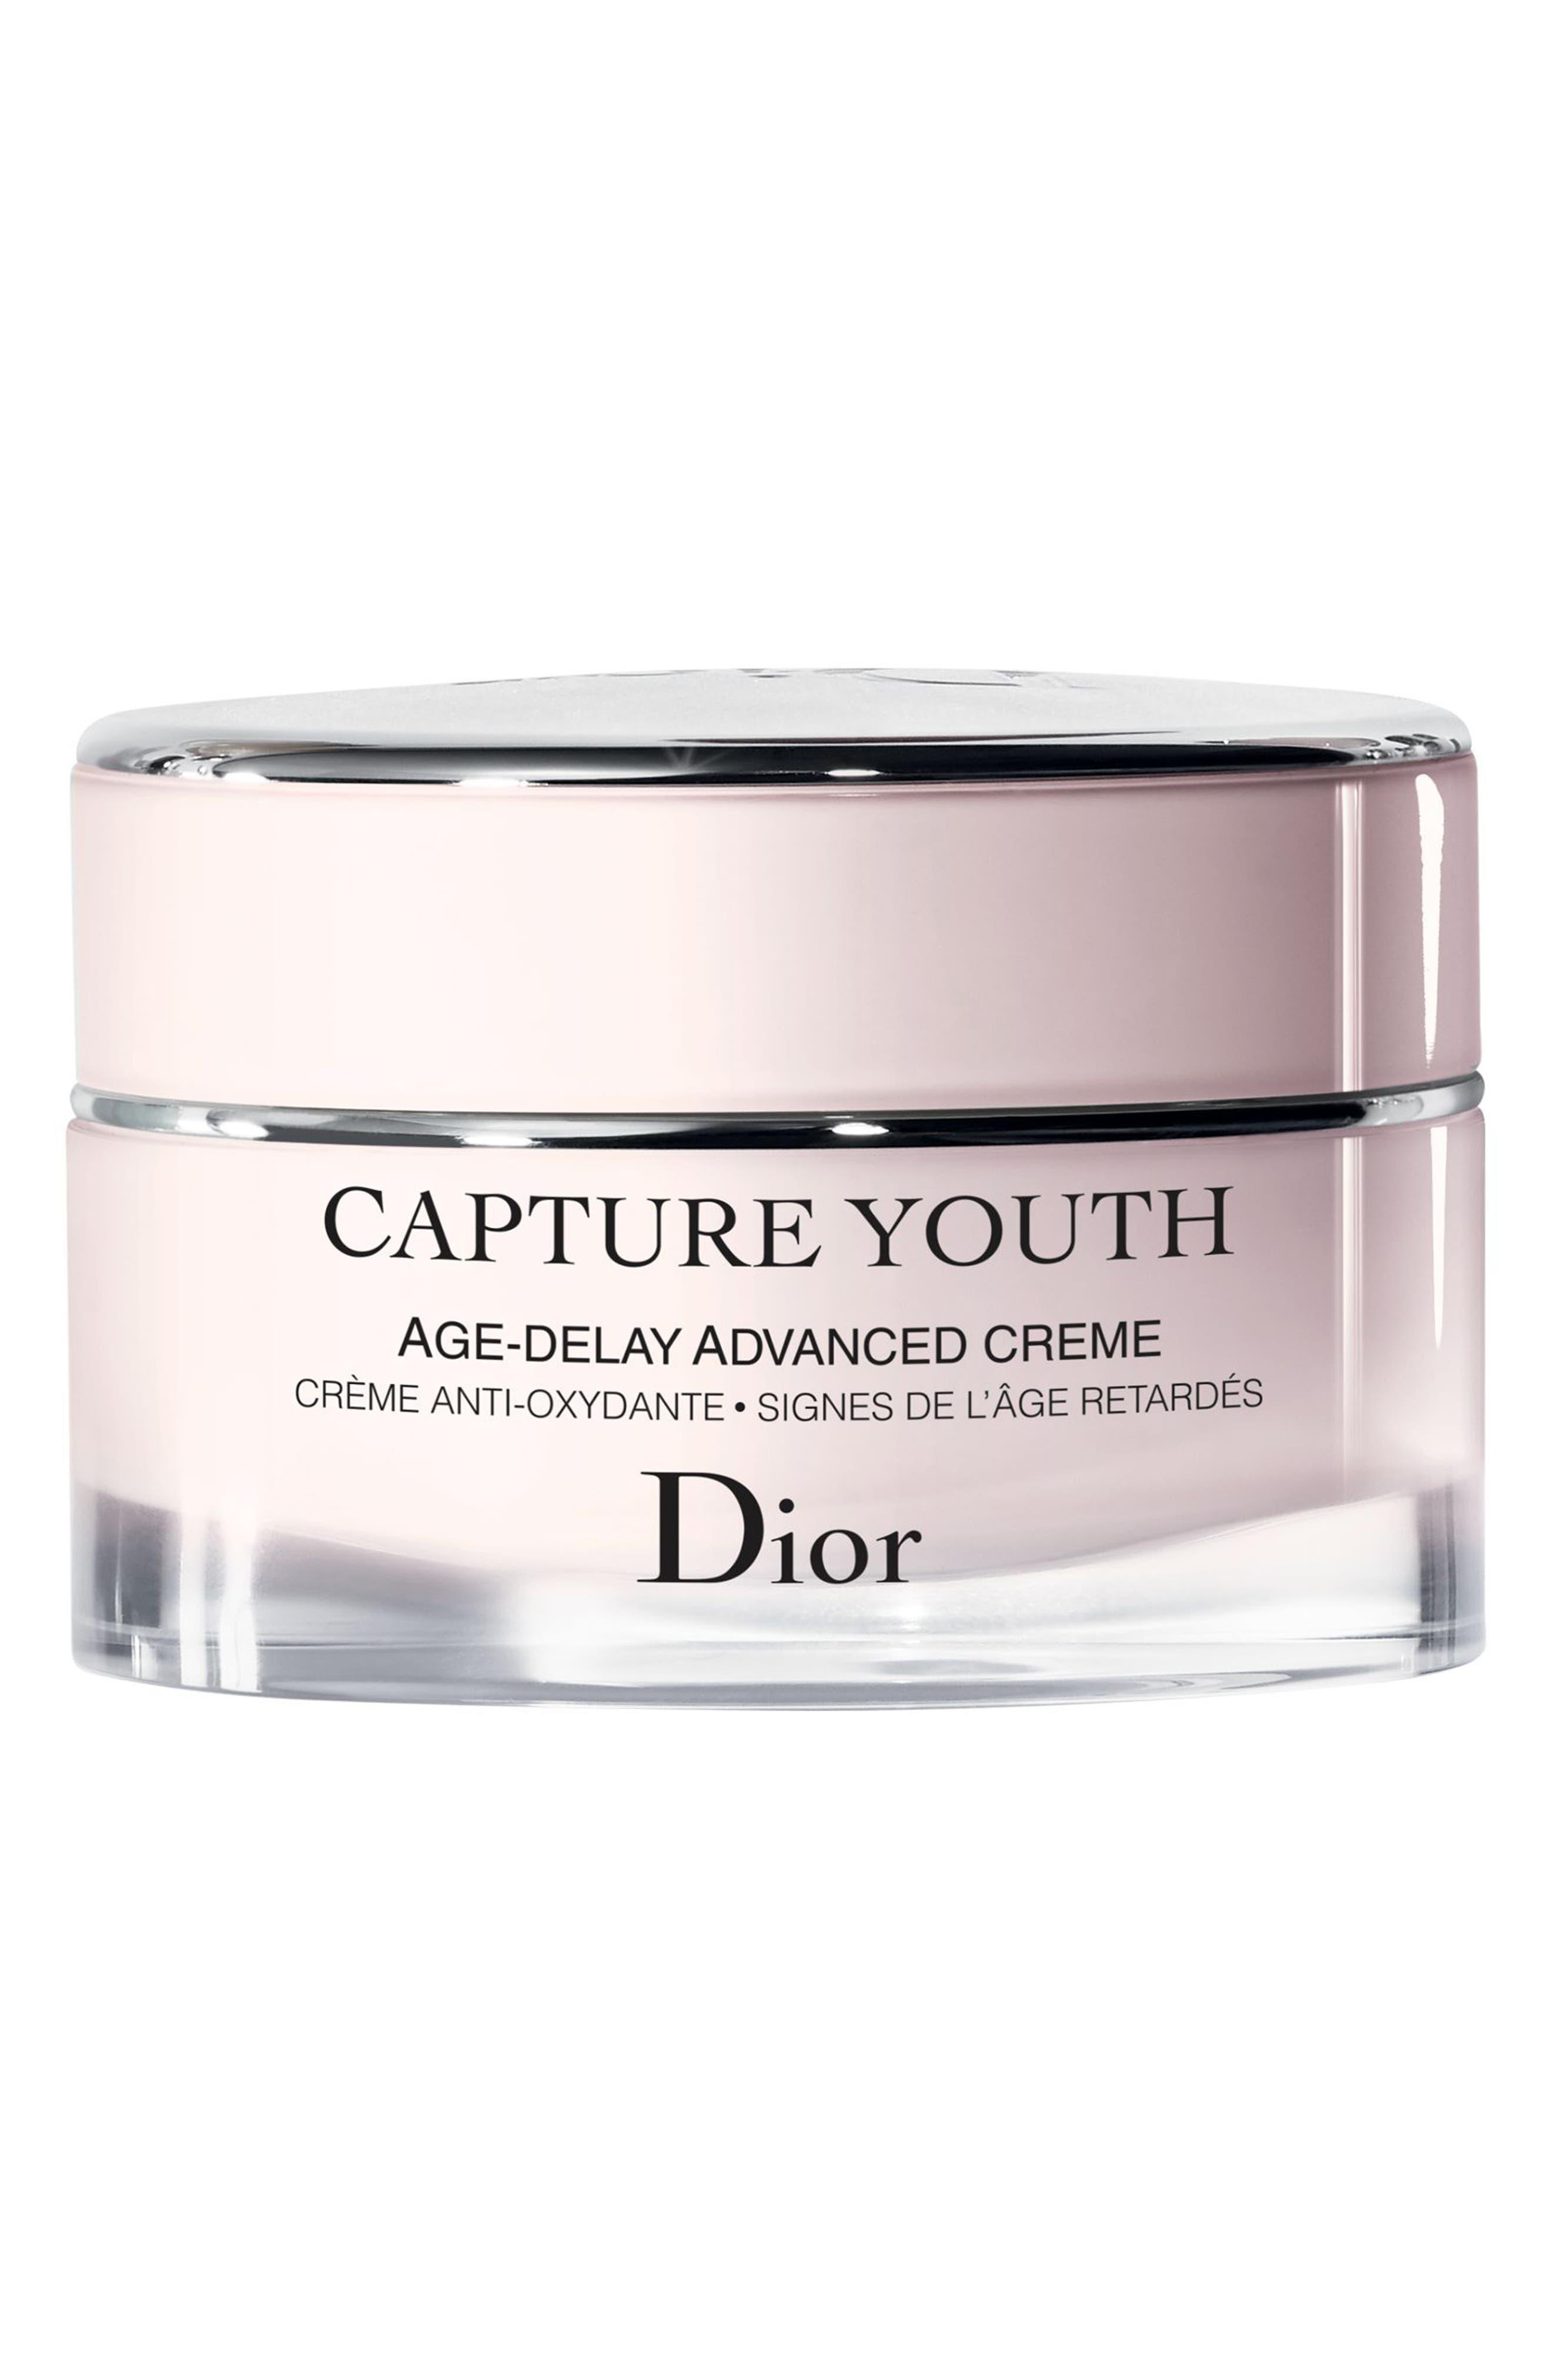 Capture Youth Age-Delay Advanced Crème,                         Main,                         color, NO COLOR